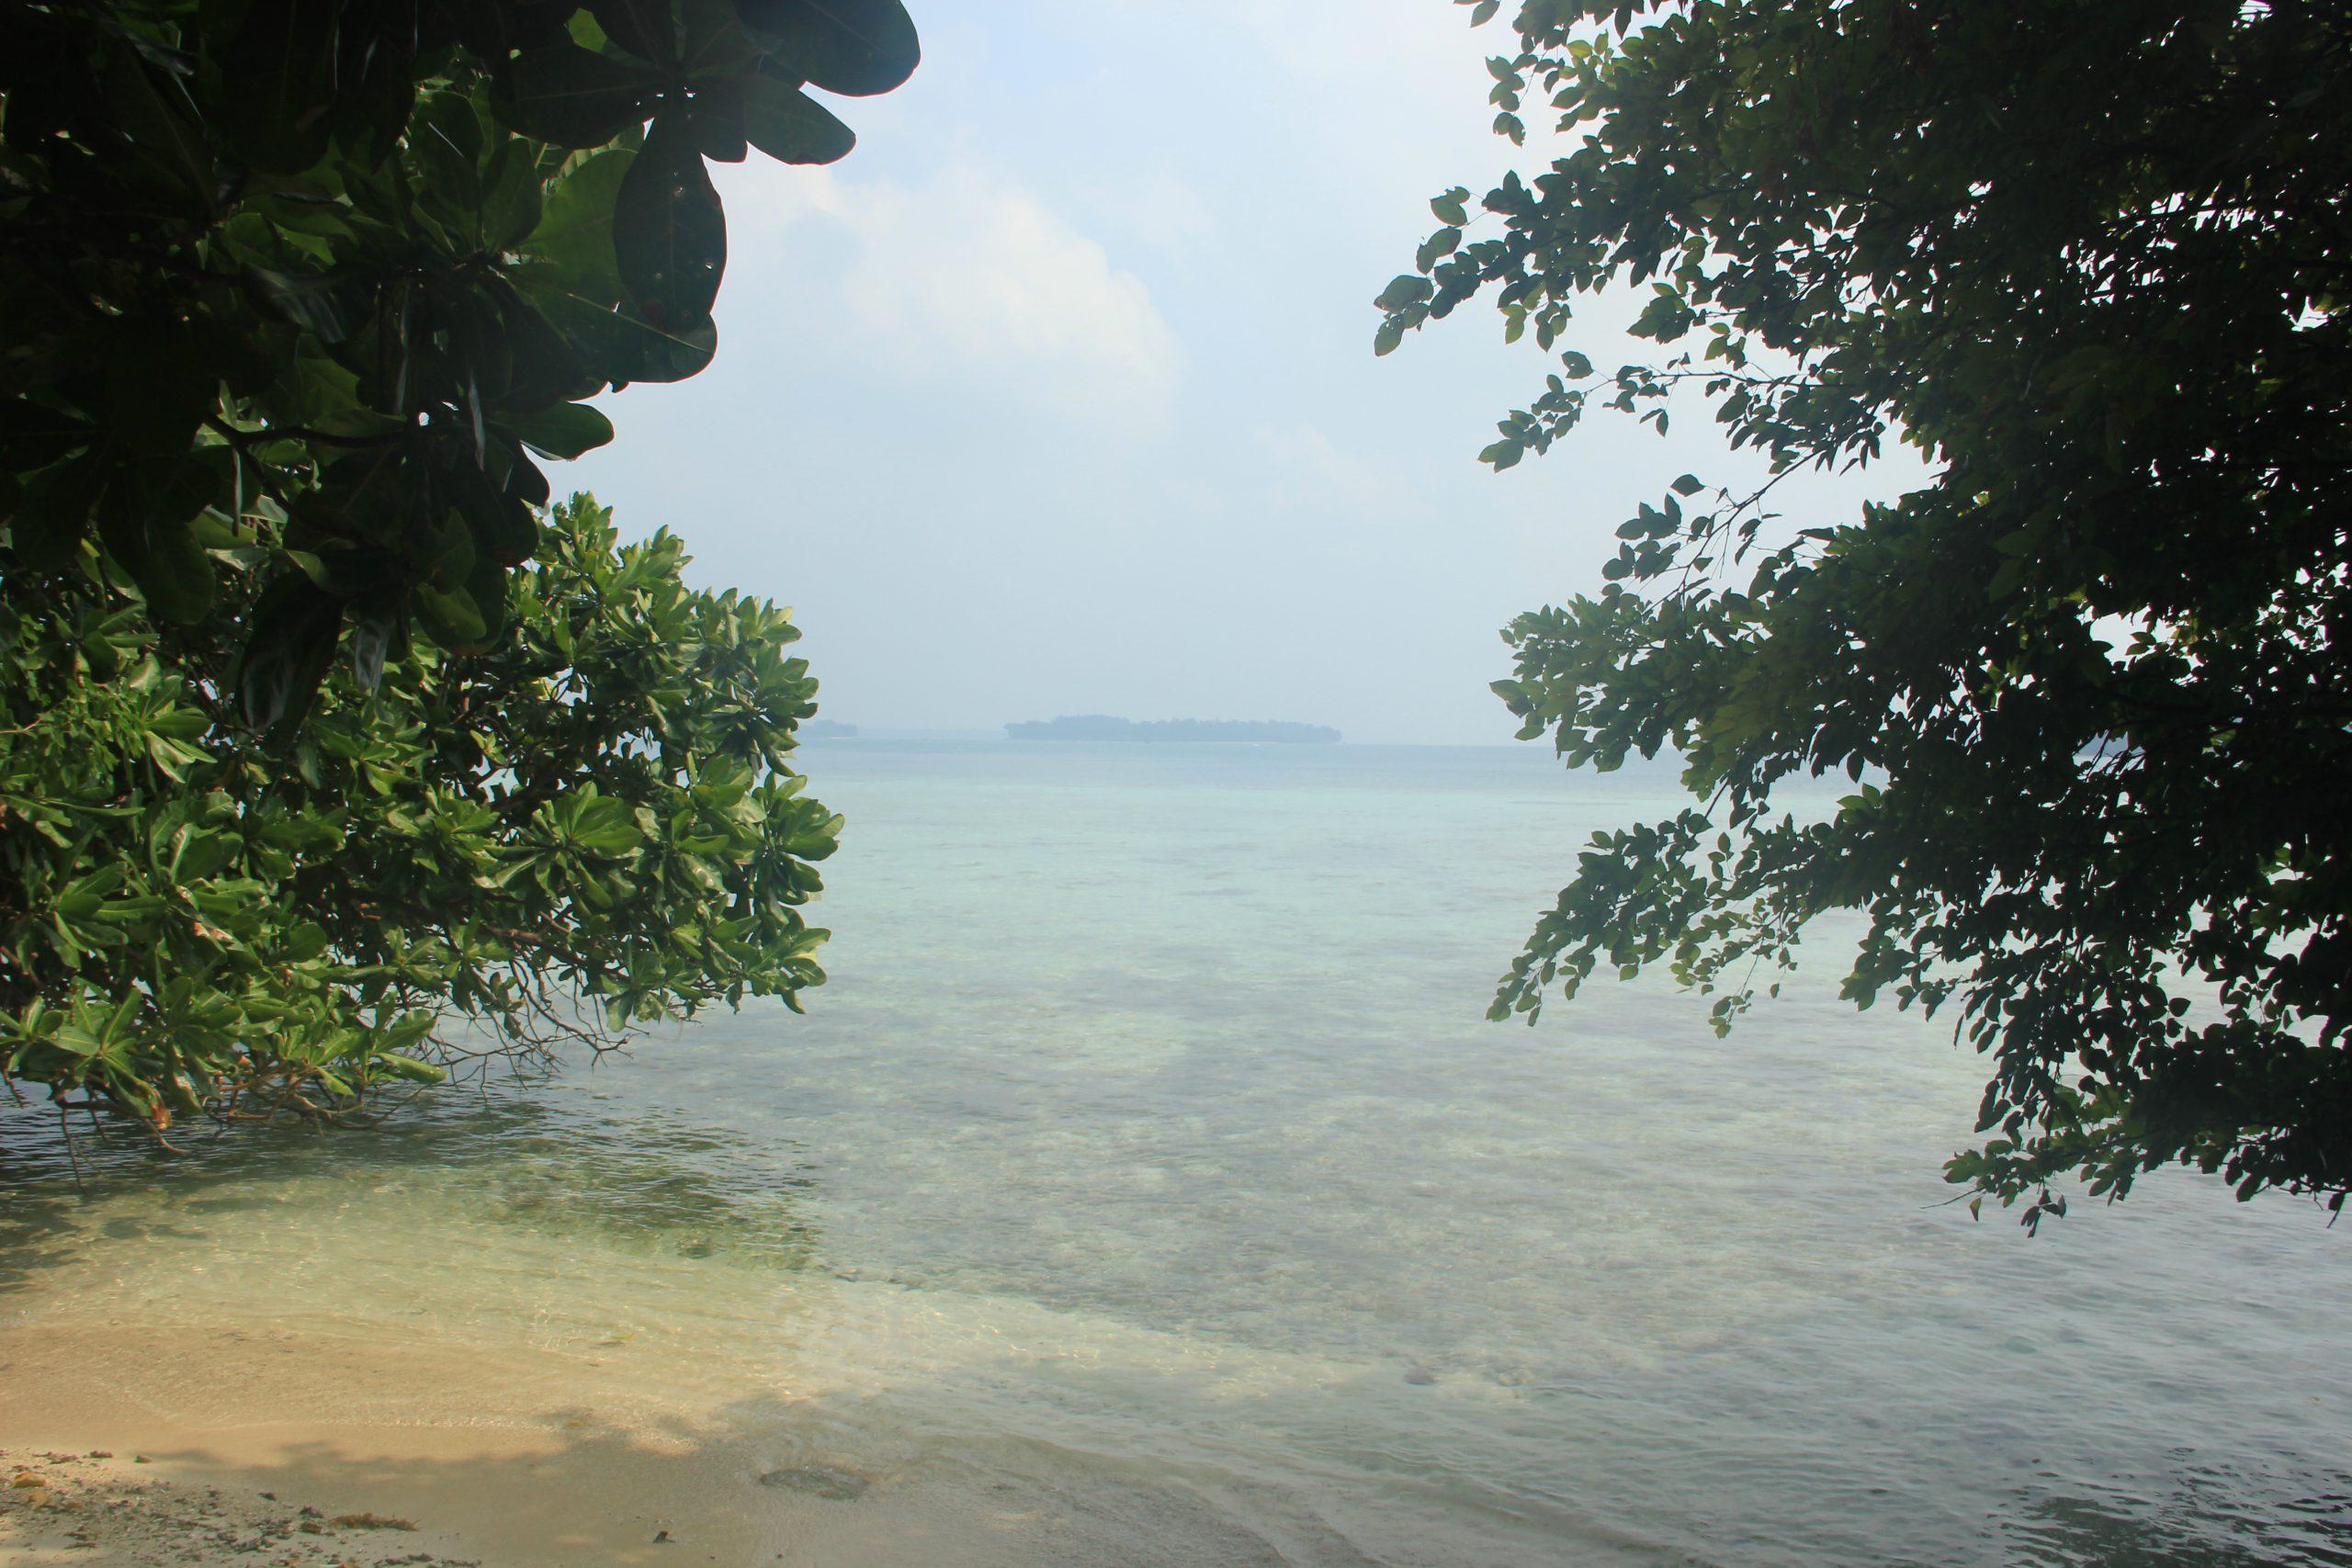 Salah satu sudut panorama yang tersaji di Pulau Putri